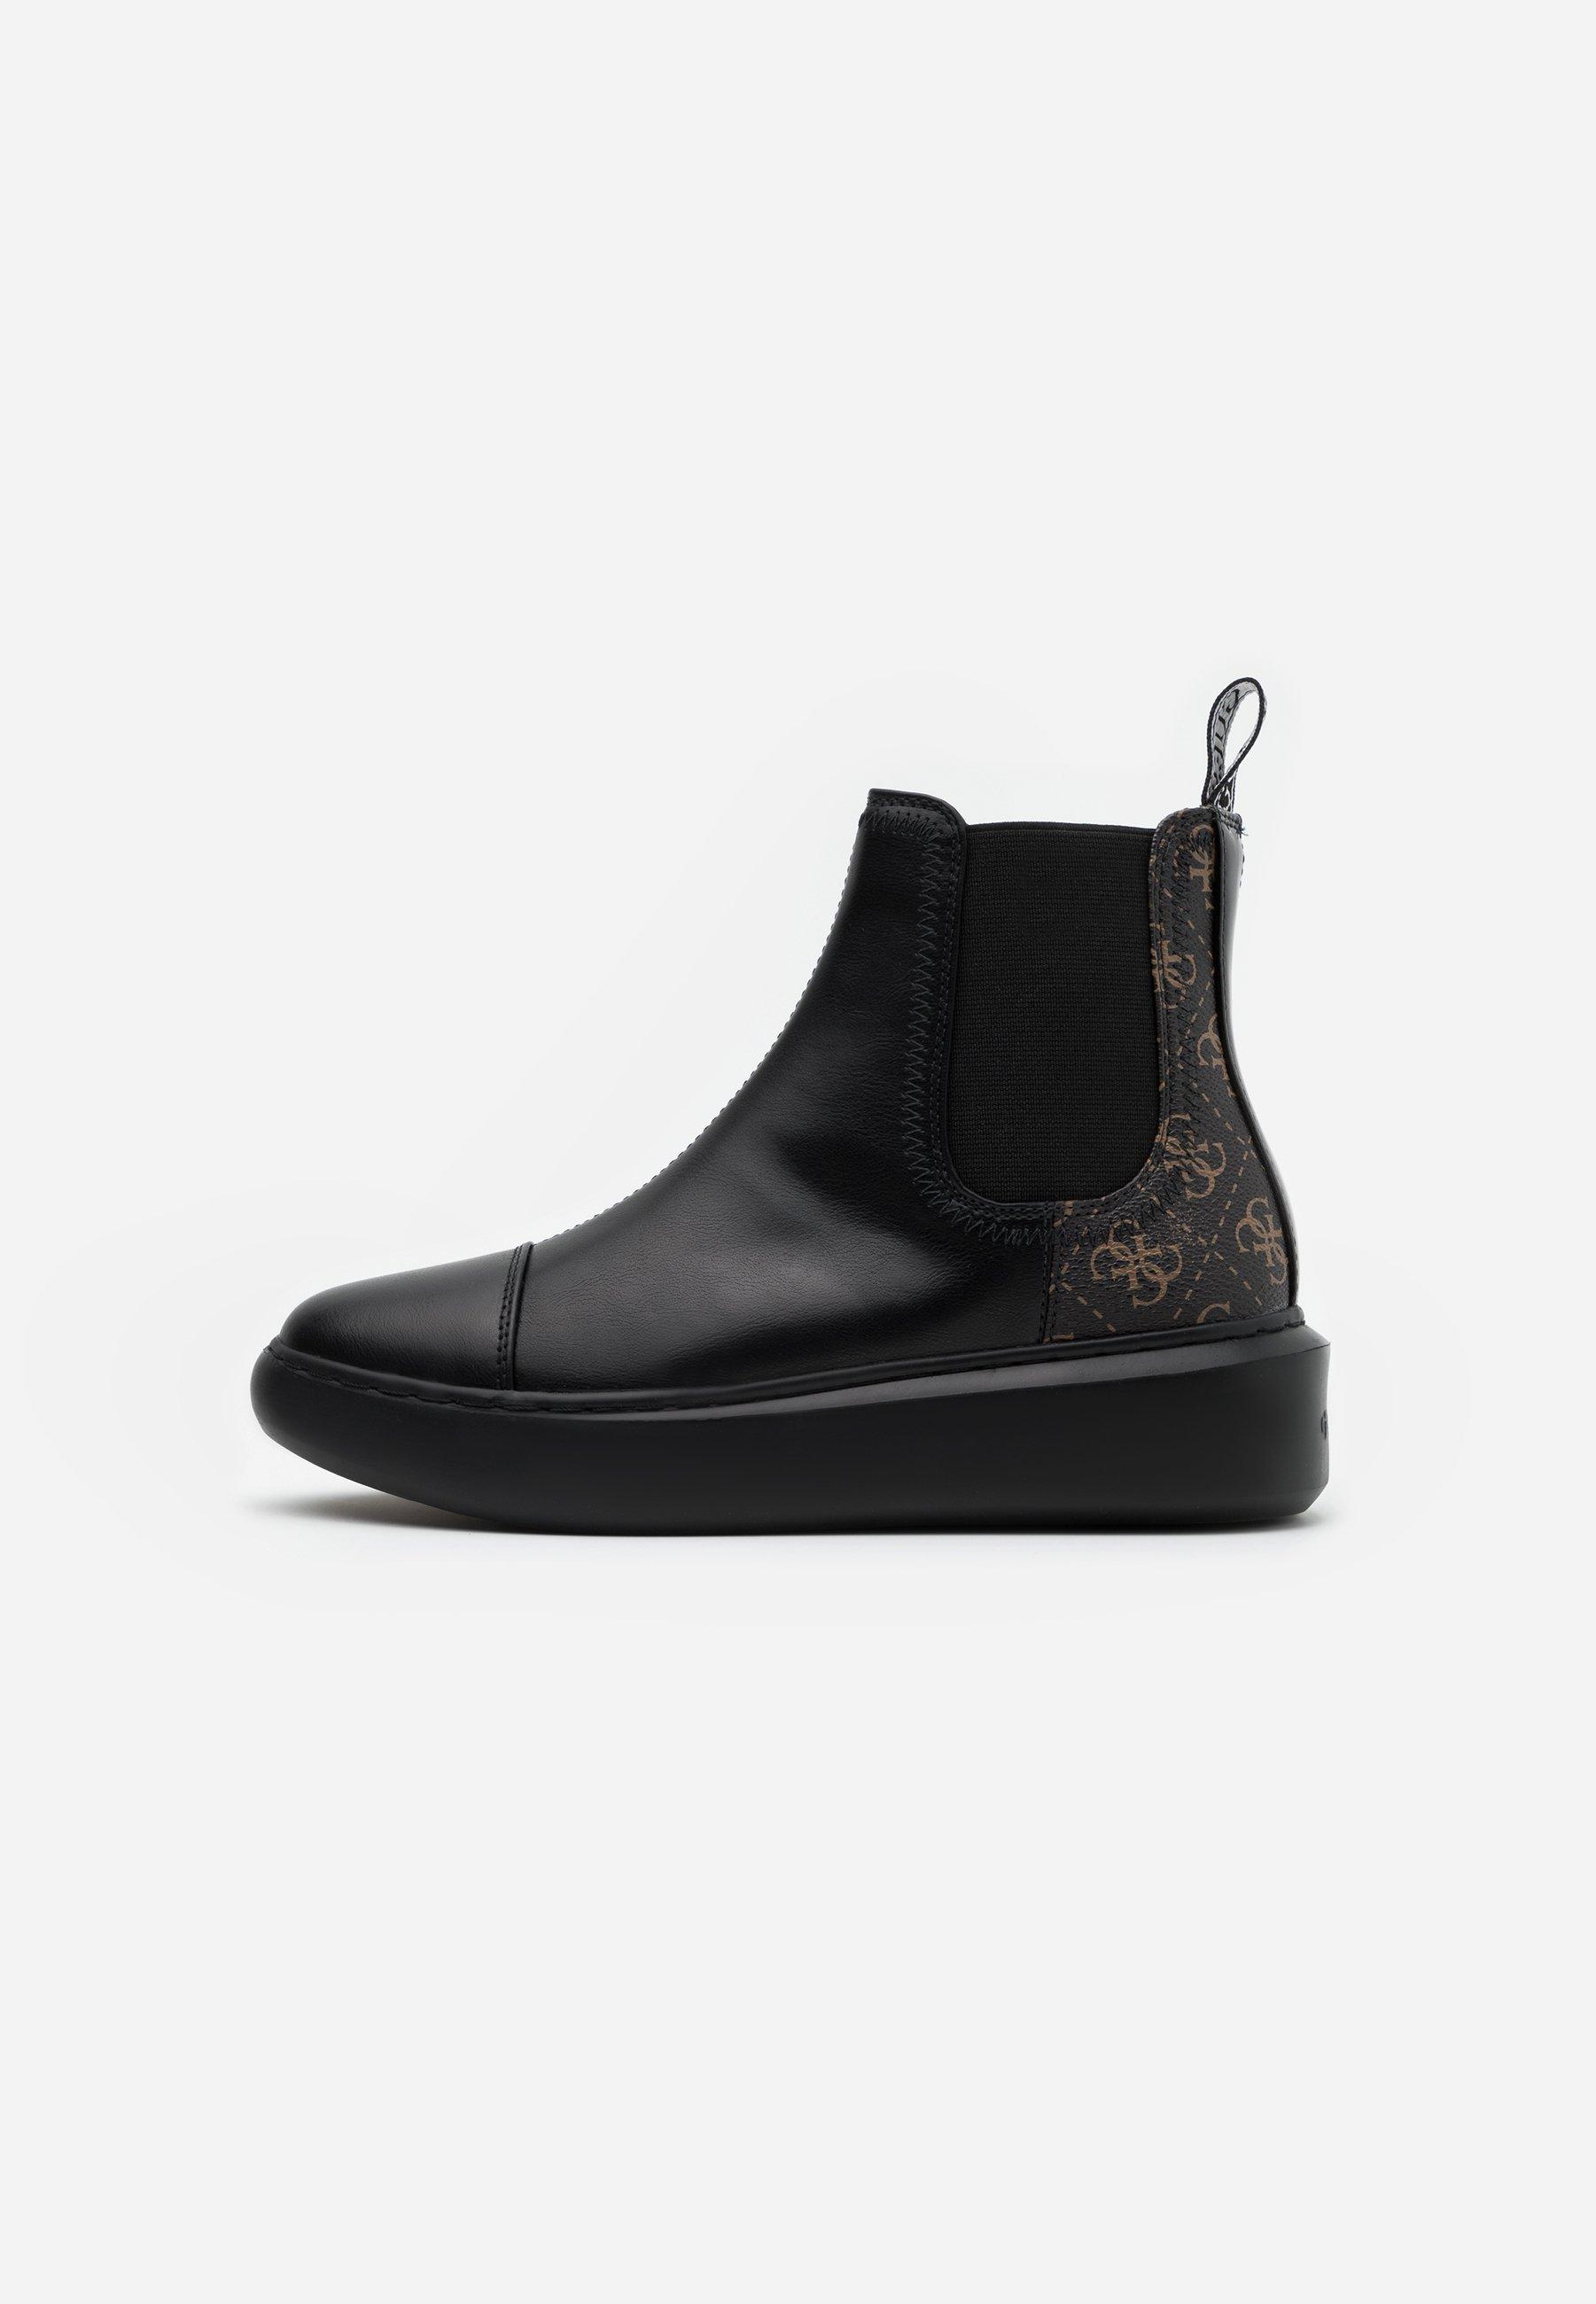 Guess Beckly - Ankelboots Black/svart